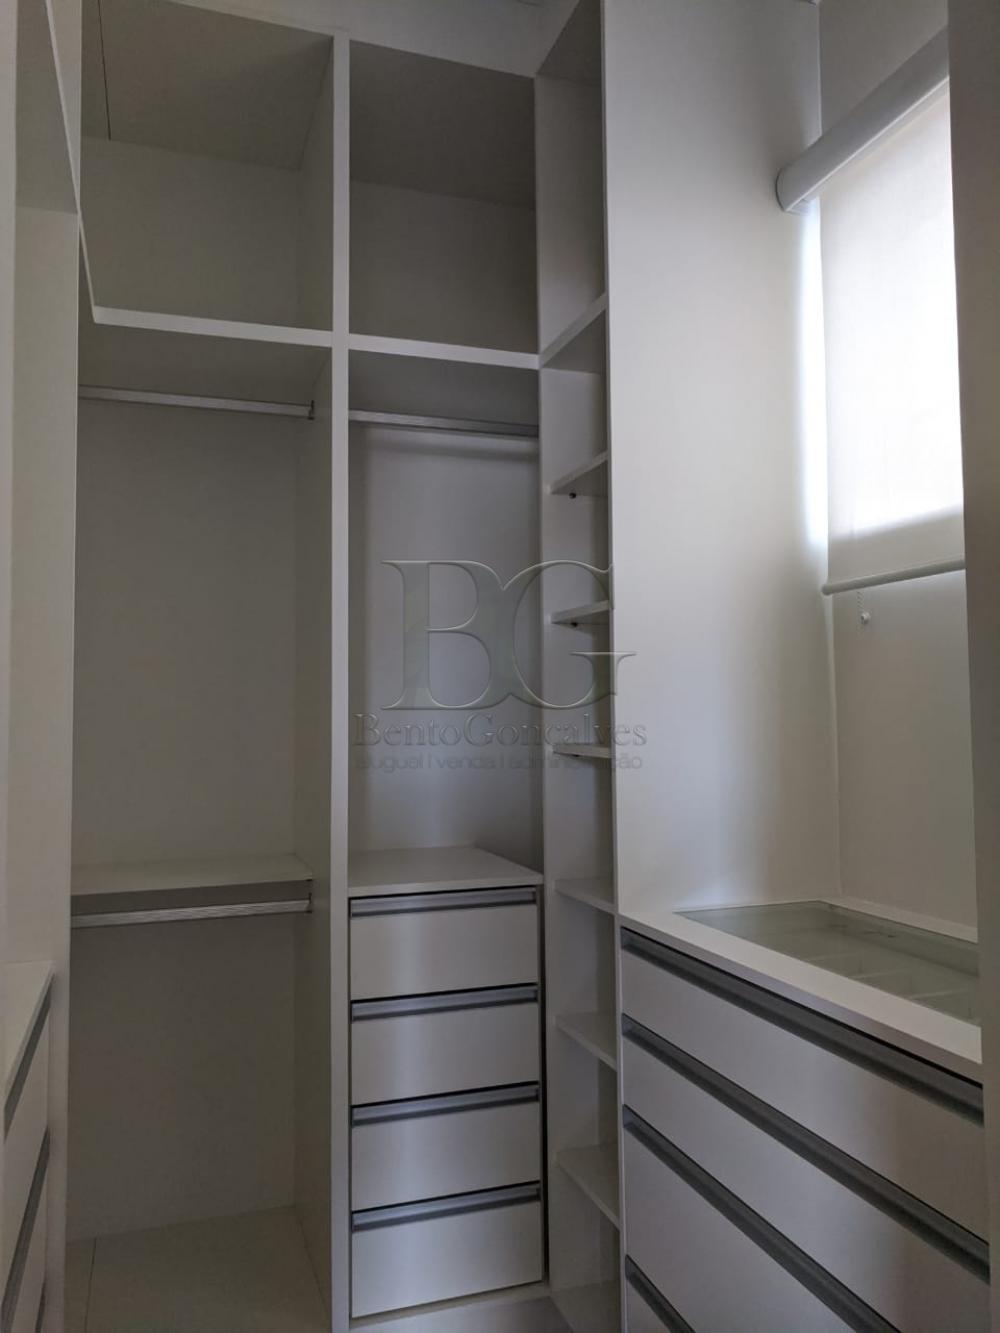 Comprar Apartamentos / Padrão em Poços de Caldas apenas R$ 670.000,00 - Foto 18